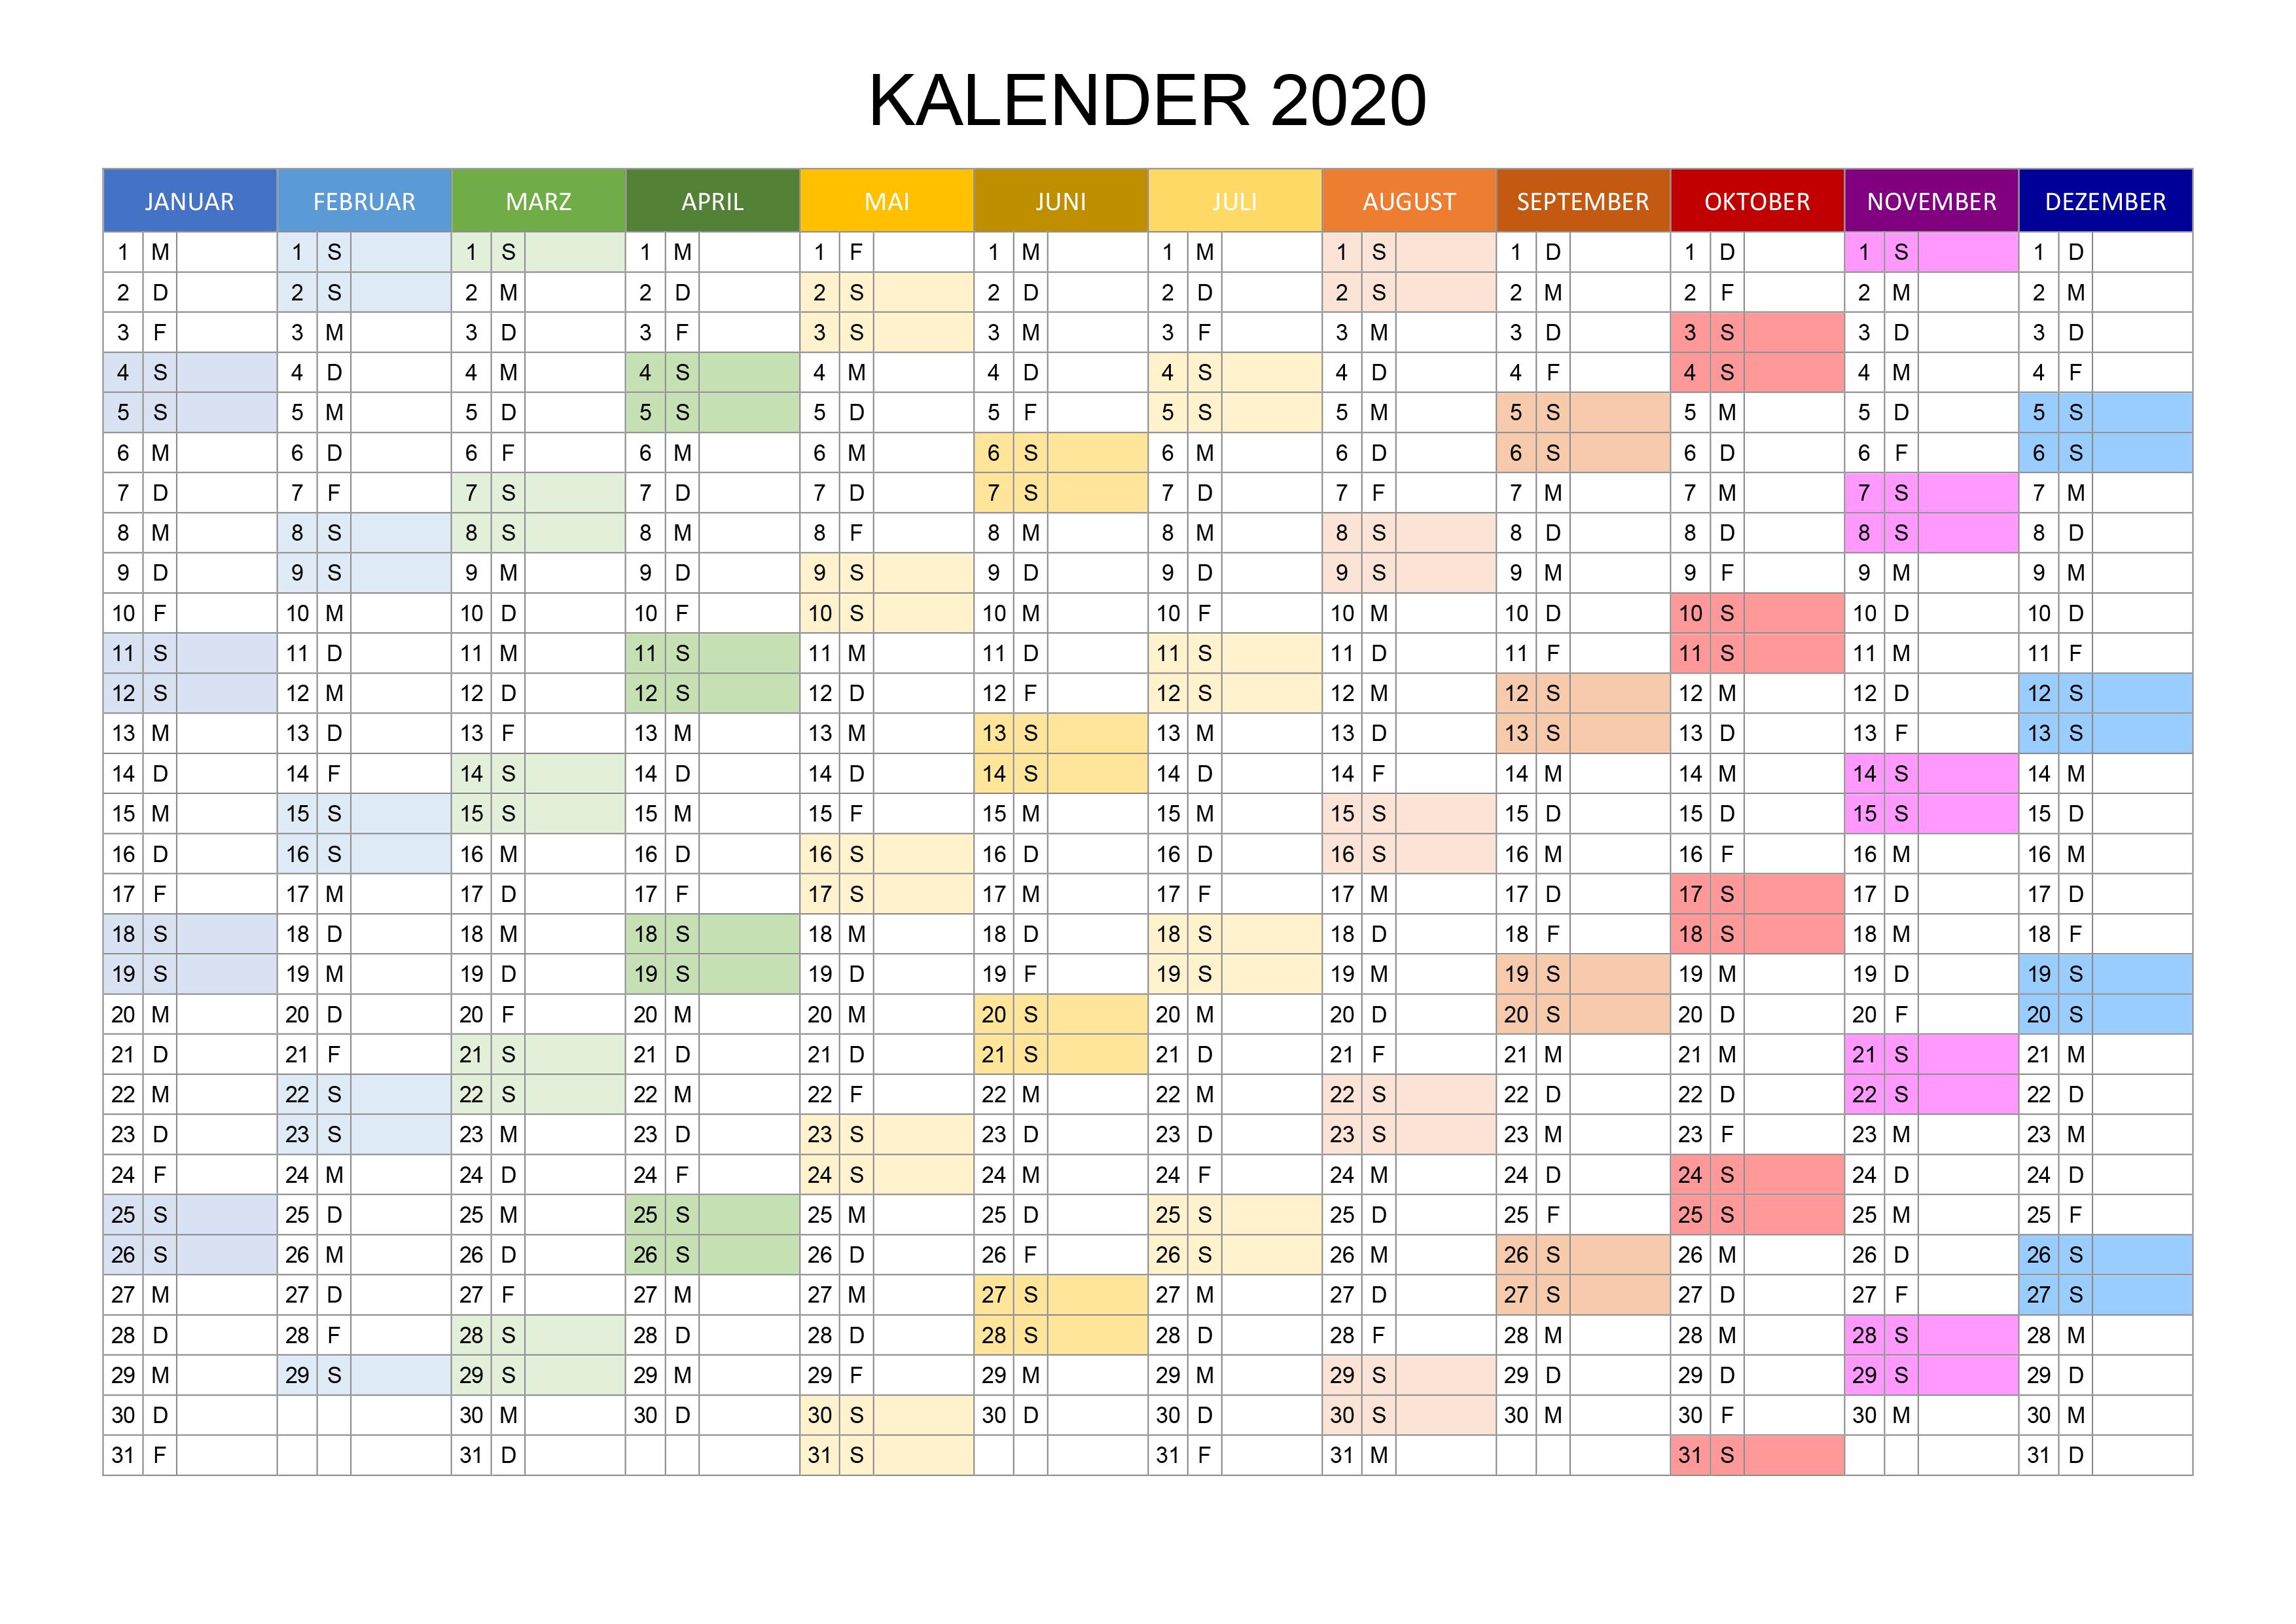 jahreskalender 2020 pdf